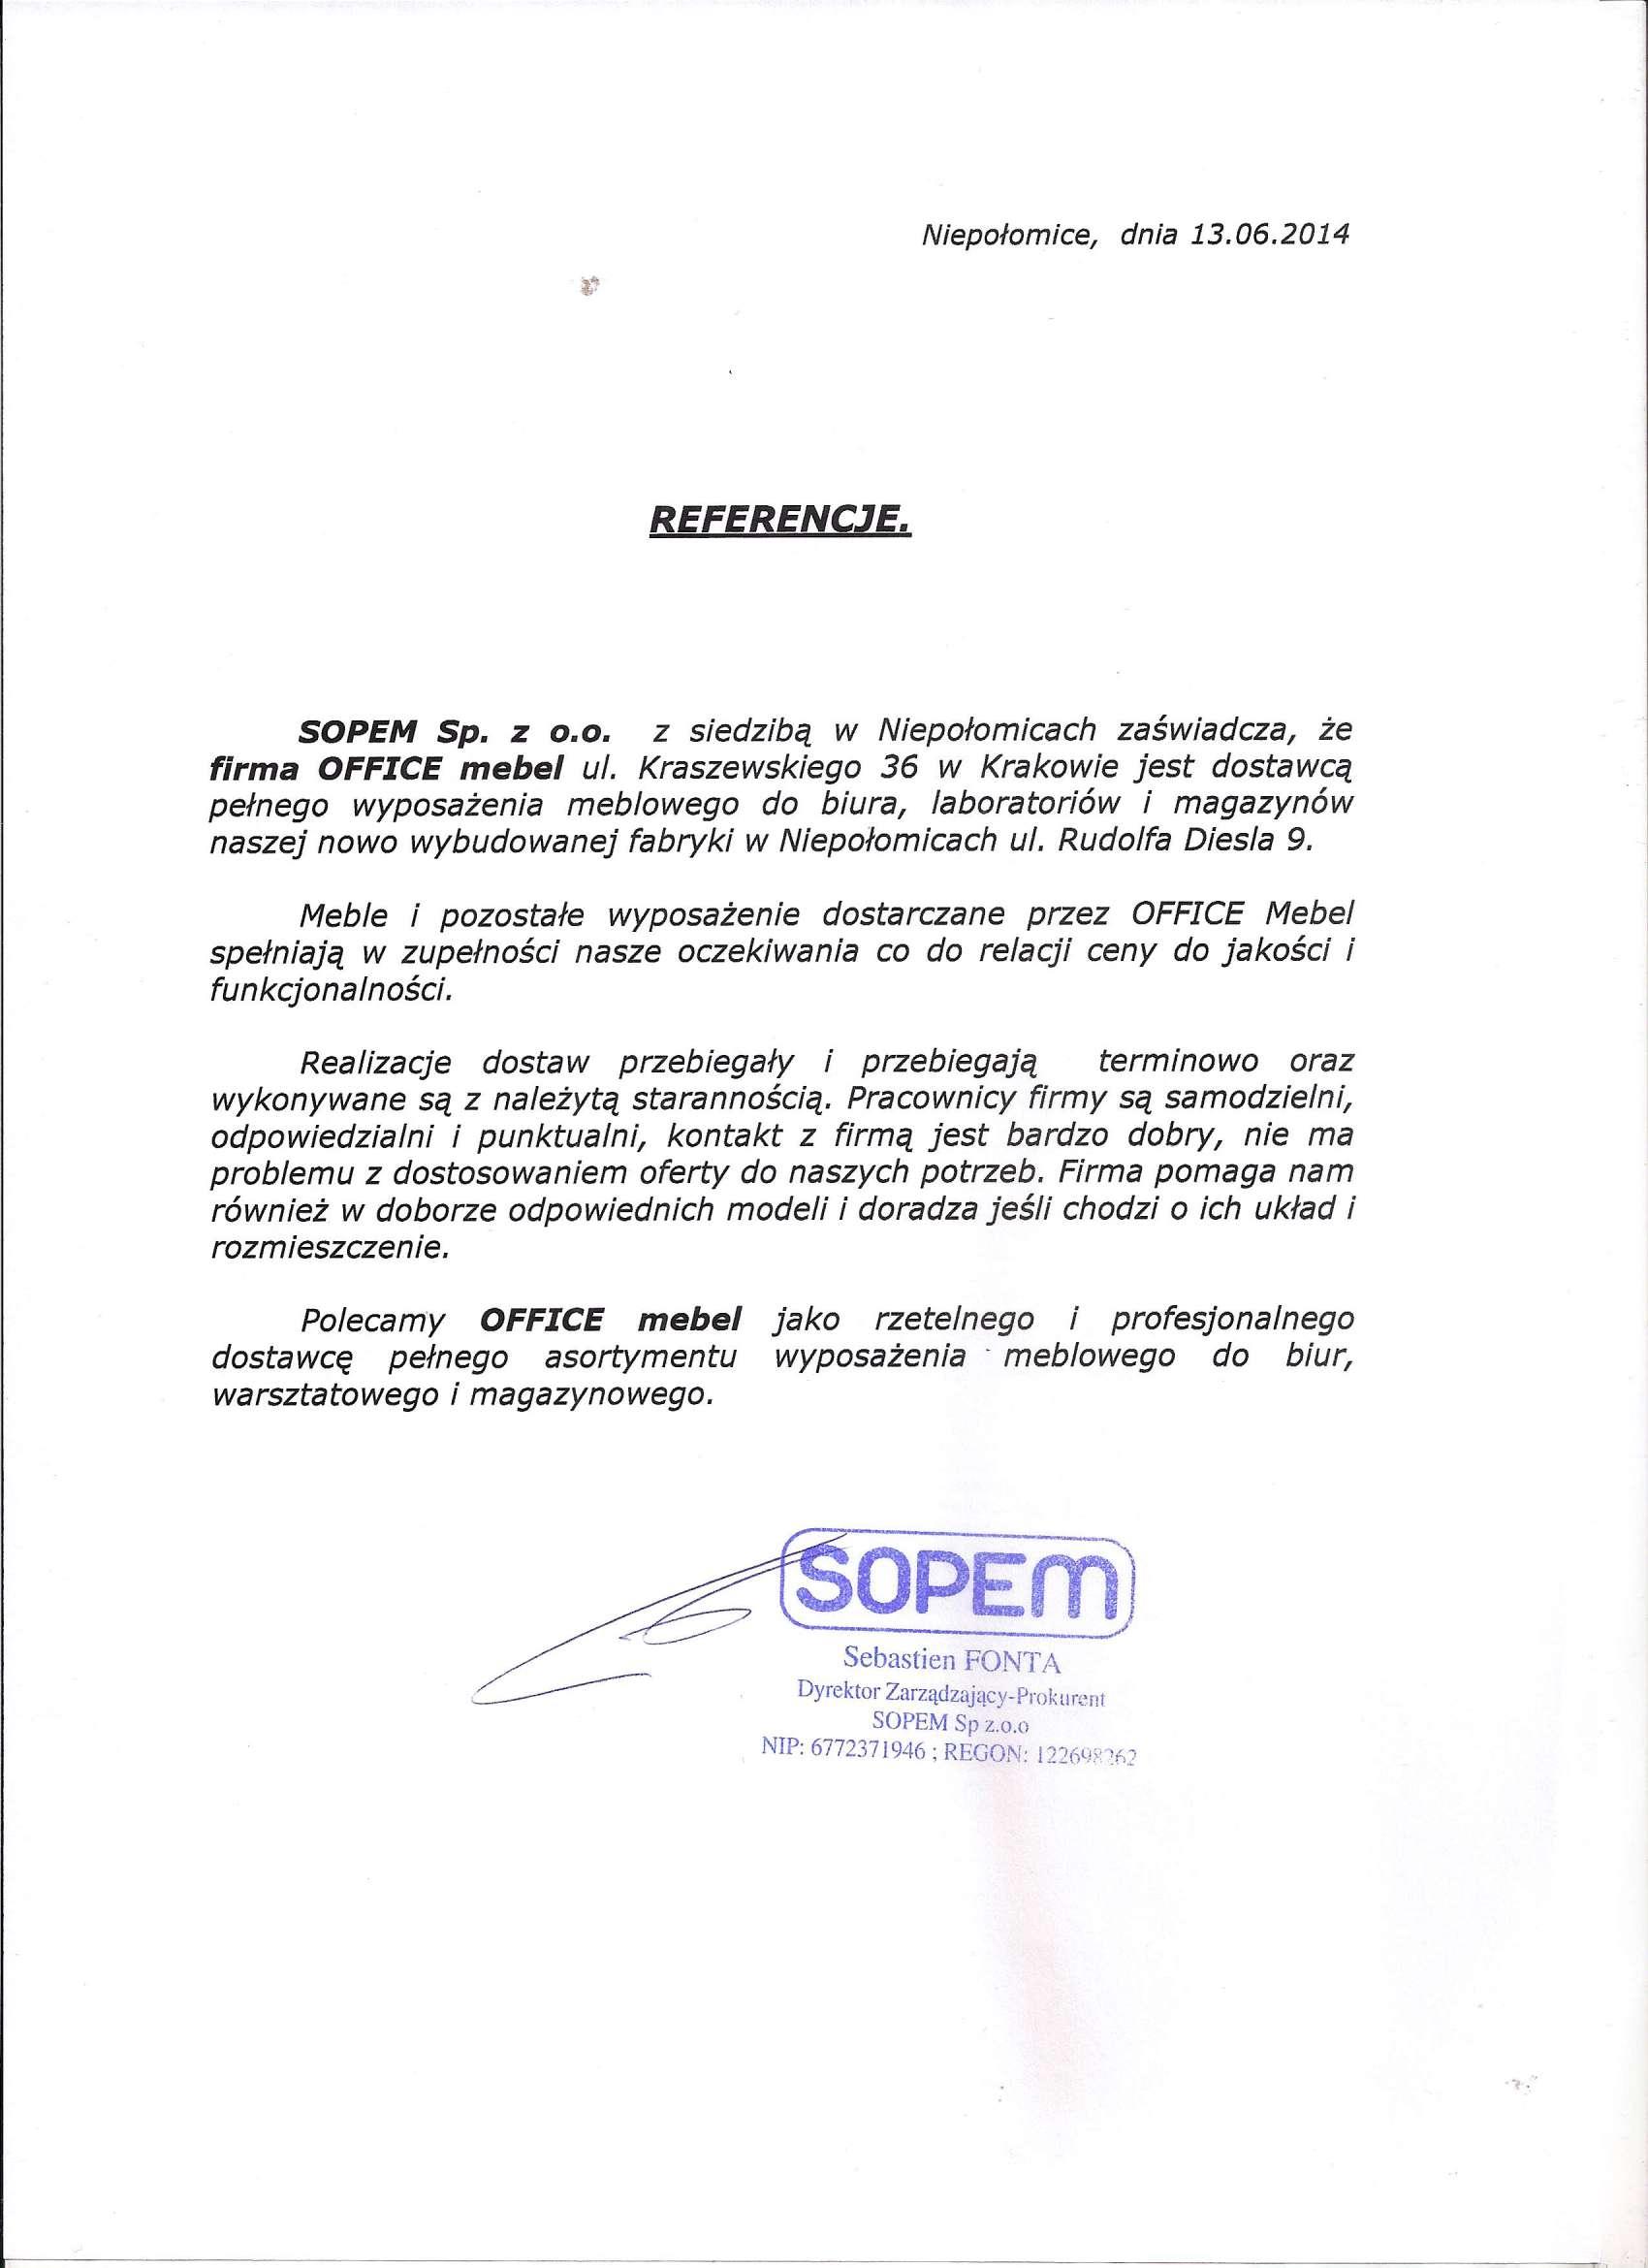 13 - SOPEM